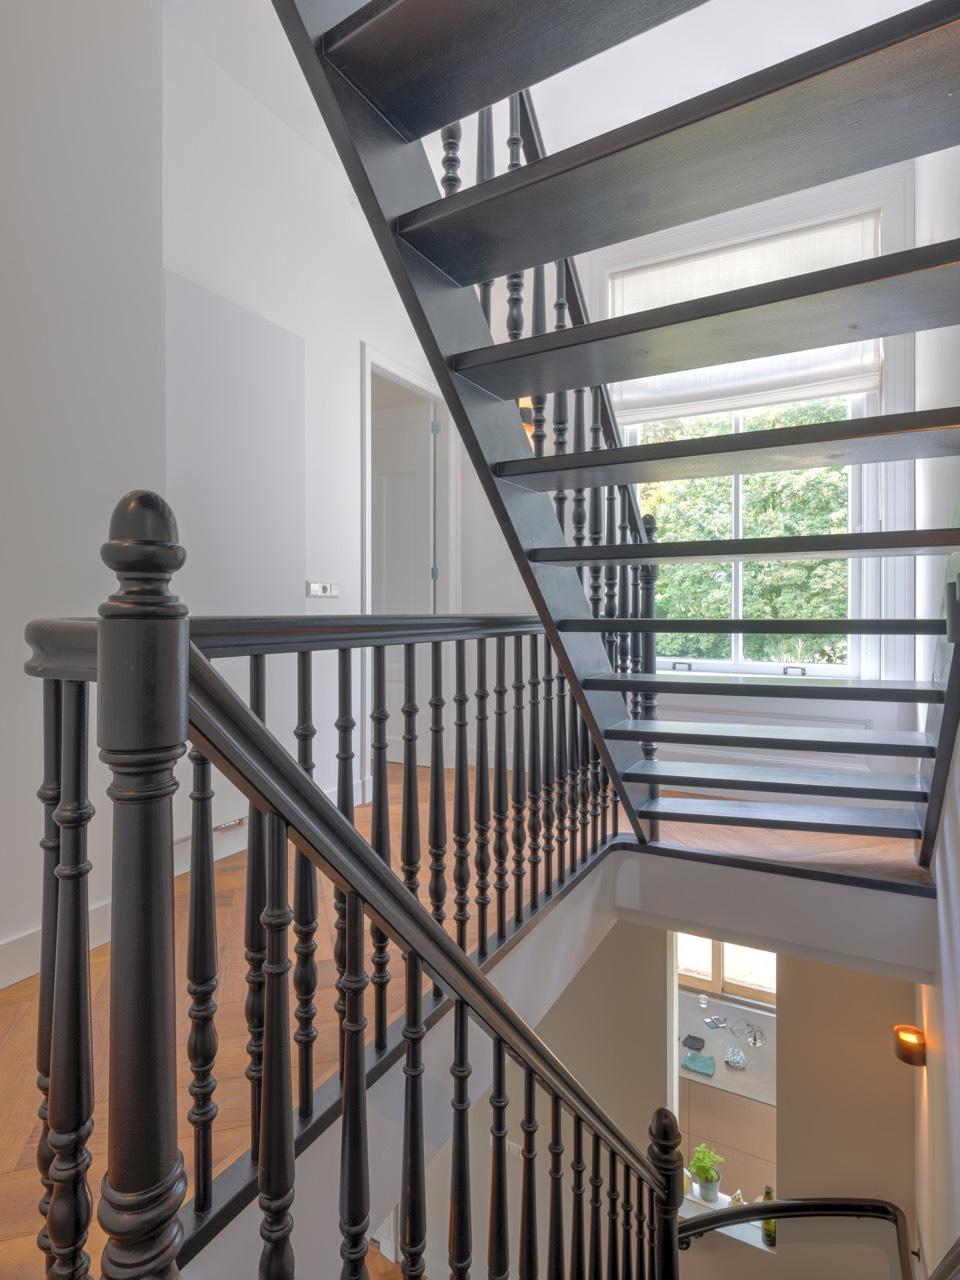 overveen-evelijn-ferwerda-interieur-design-trap